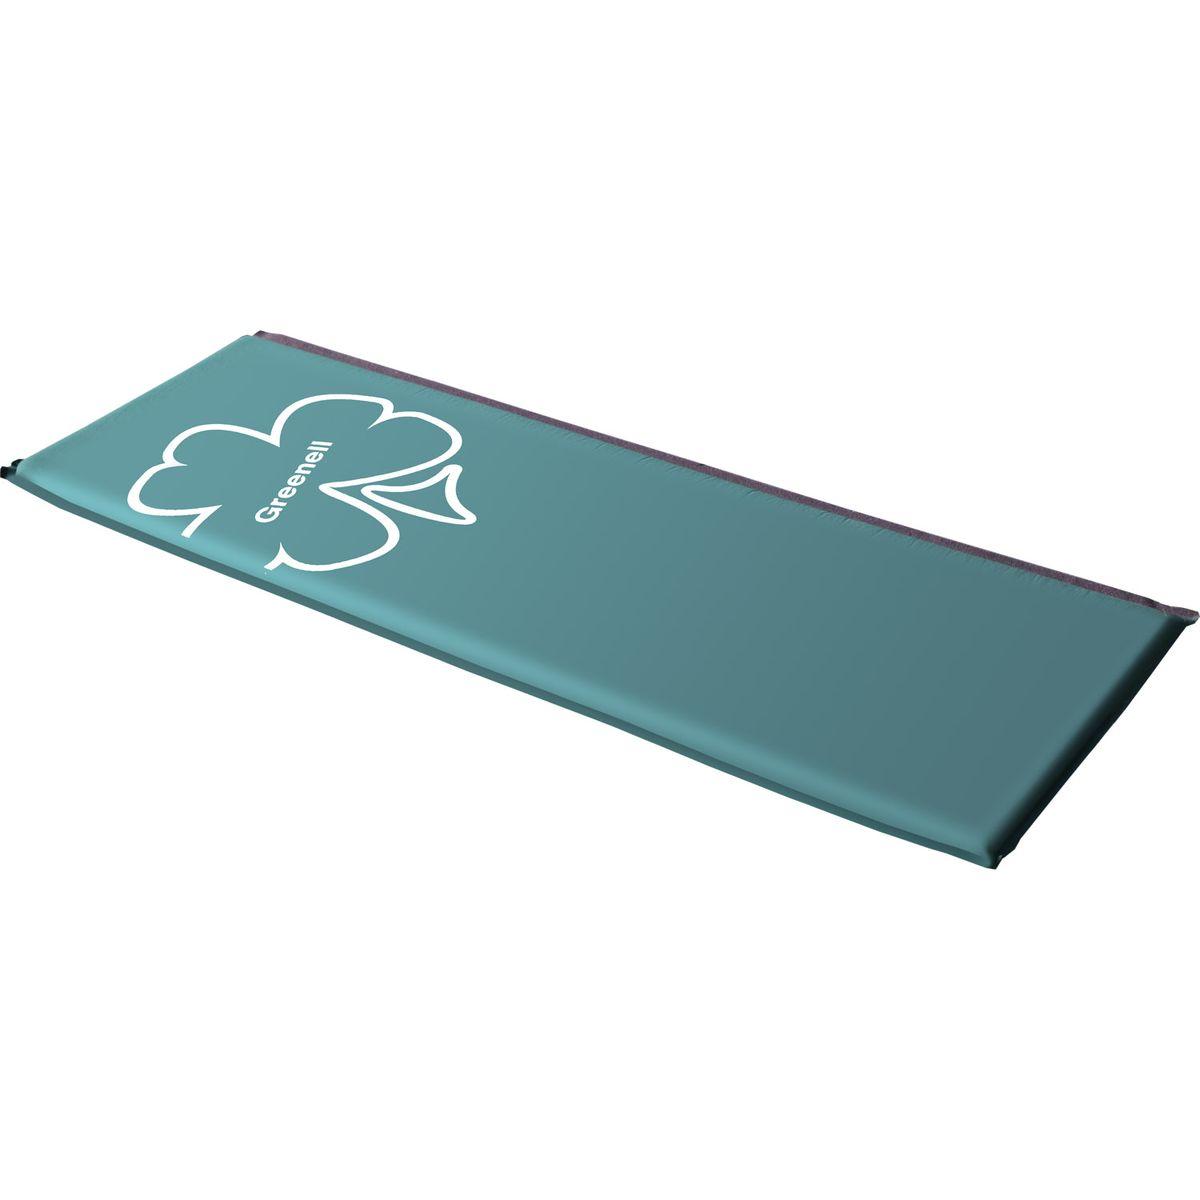 Коврик самонадувающийся Greenell Классик, цвет: зеленый, 198 см х 63 см х 5 см95260-366-00Удобный самонадувающийся коврик Greenell Классик отлично подойдет для семейных выездов на природу. Можно использовать в походах и кемпинге. Коврик выполнен из прочного полиэстера, наполнитель - вспененный полиуретан 16 кг/м2. Два коврика можно состегнуть между собой с помощью липучки Velcro.